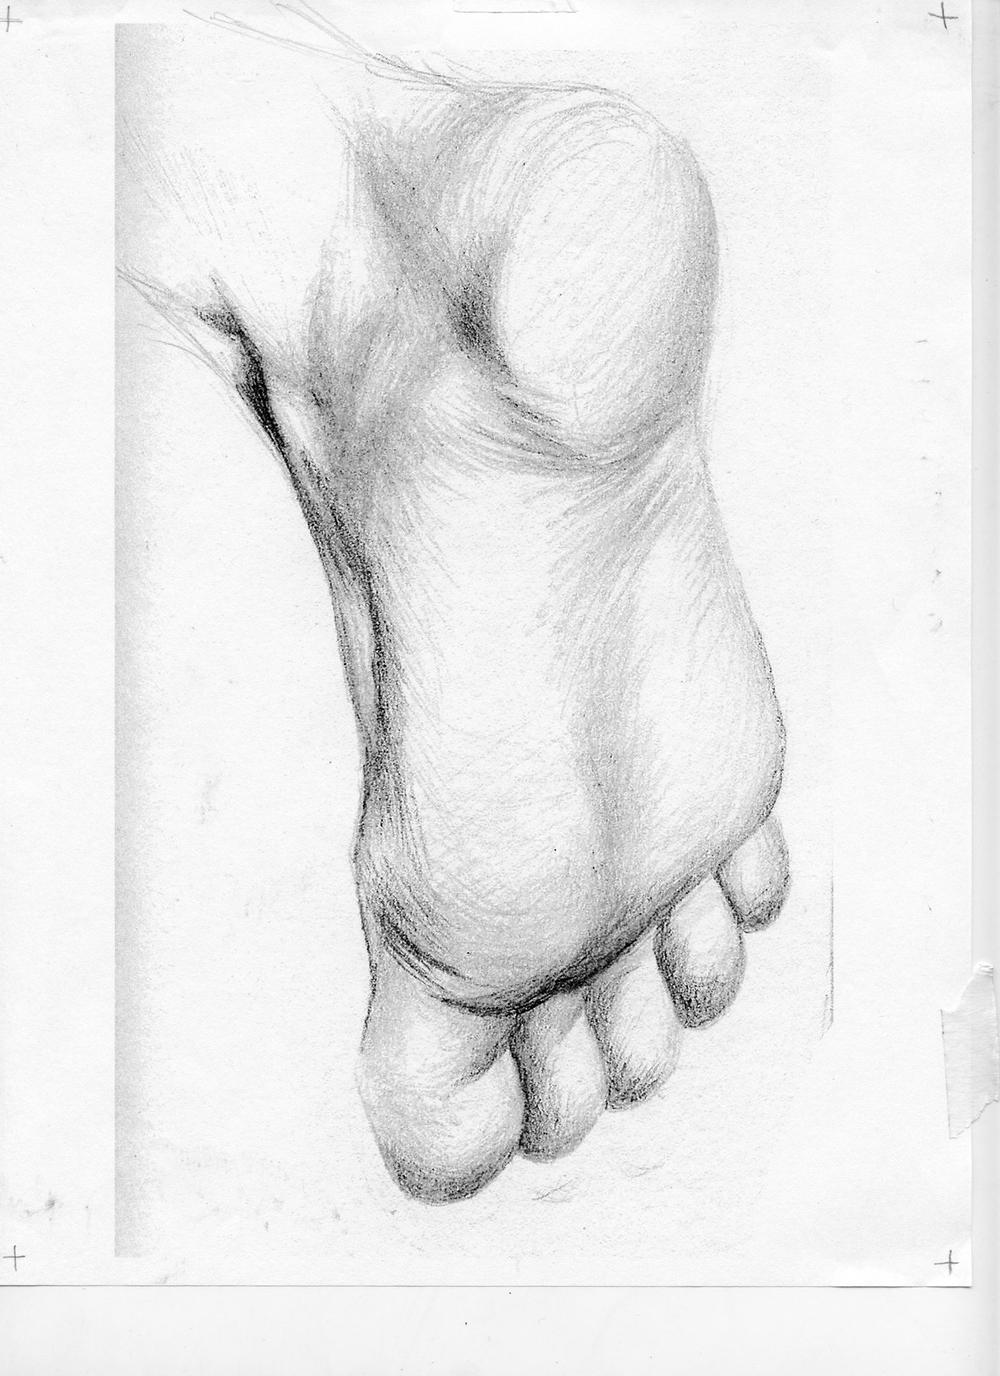 foot sketch.jpg